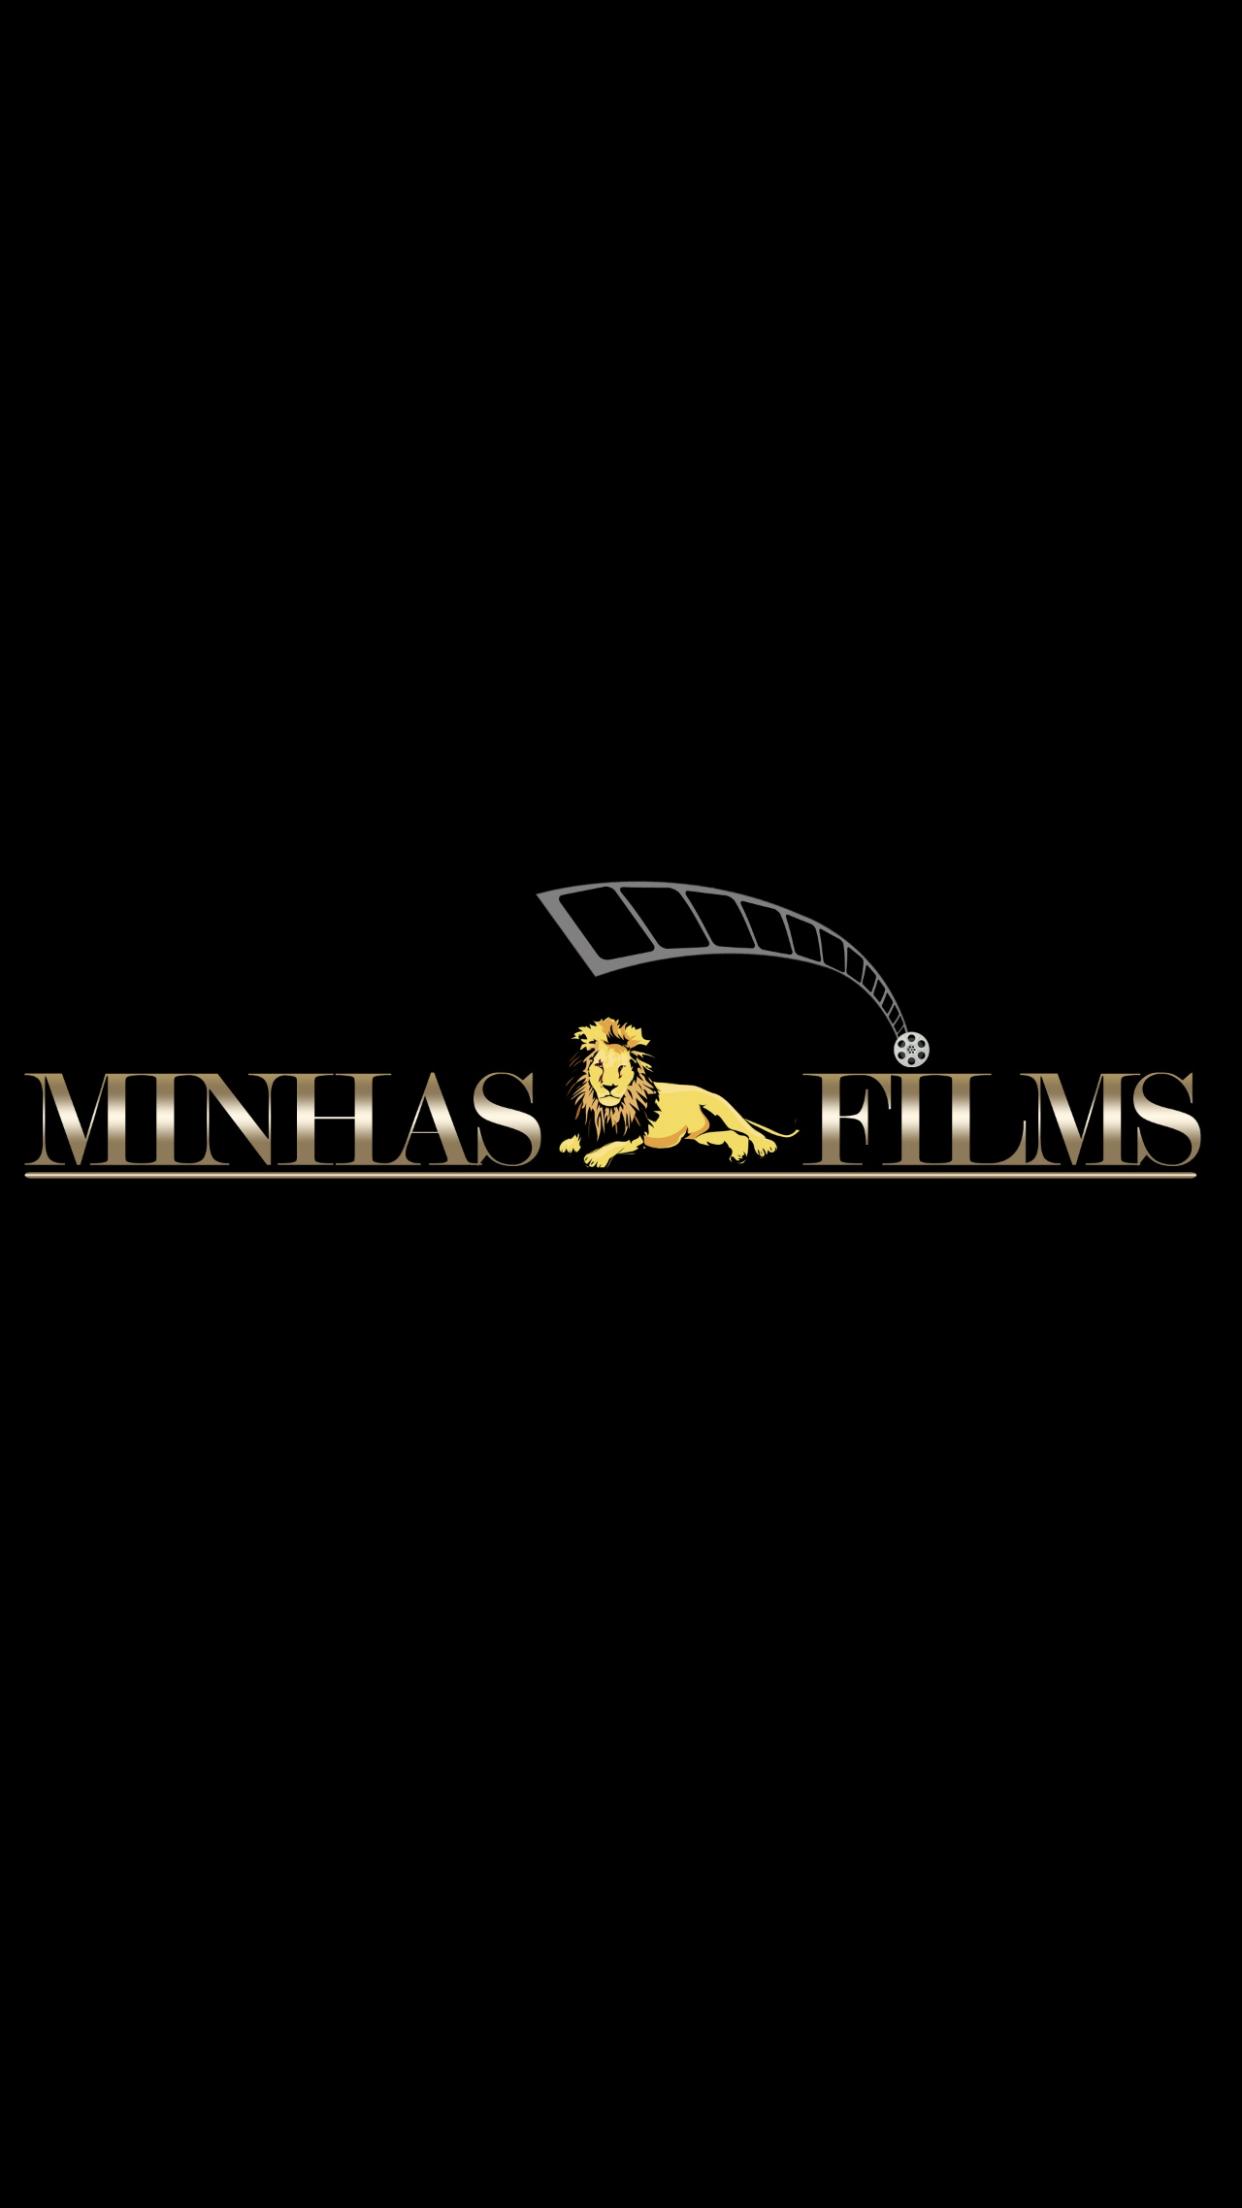 Minhas Films logo - PNG file.PNG